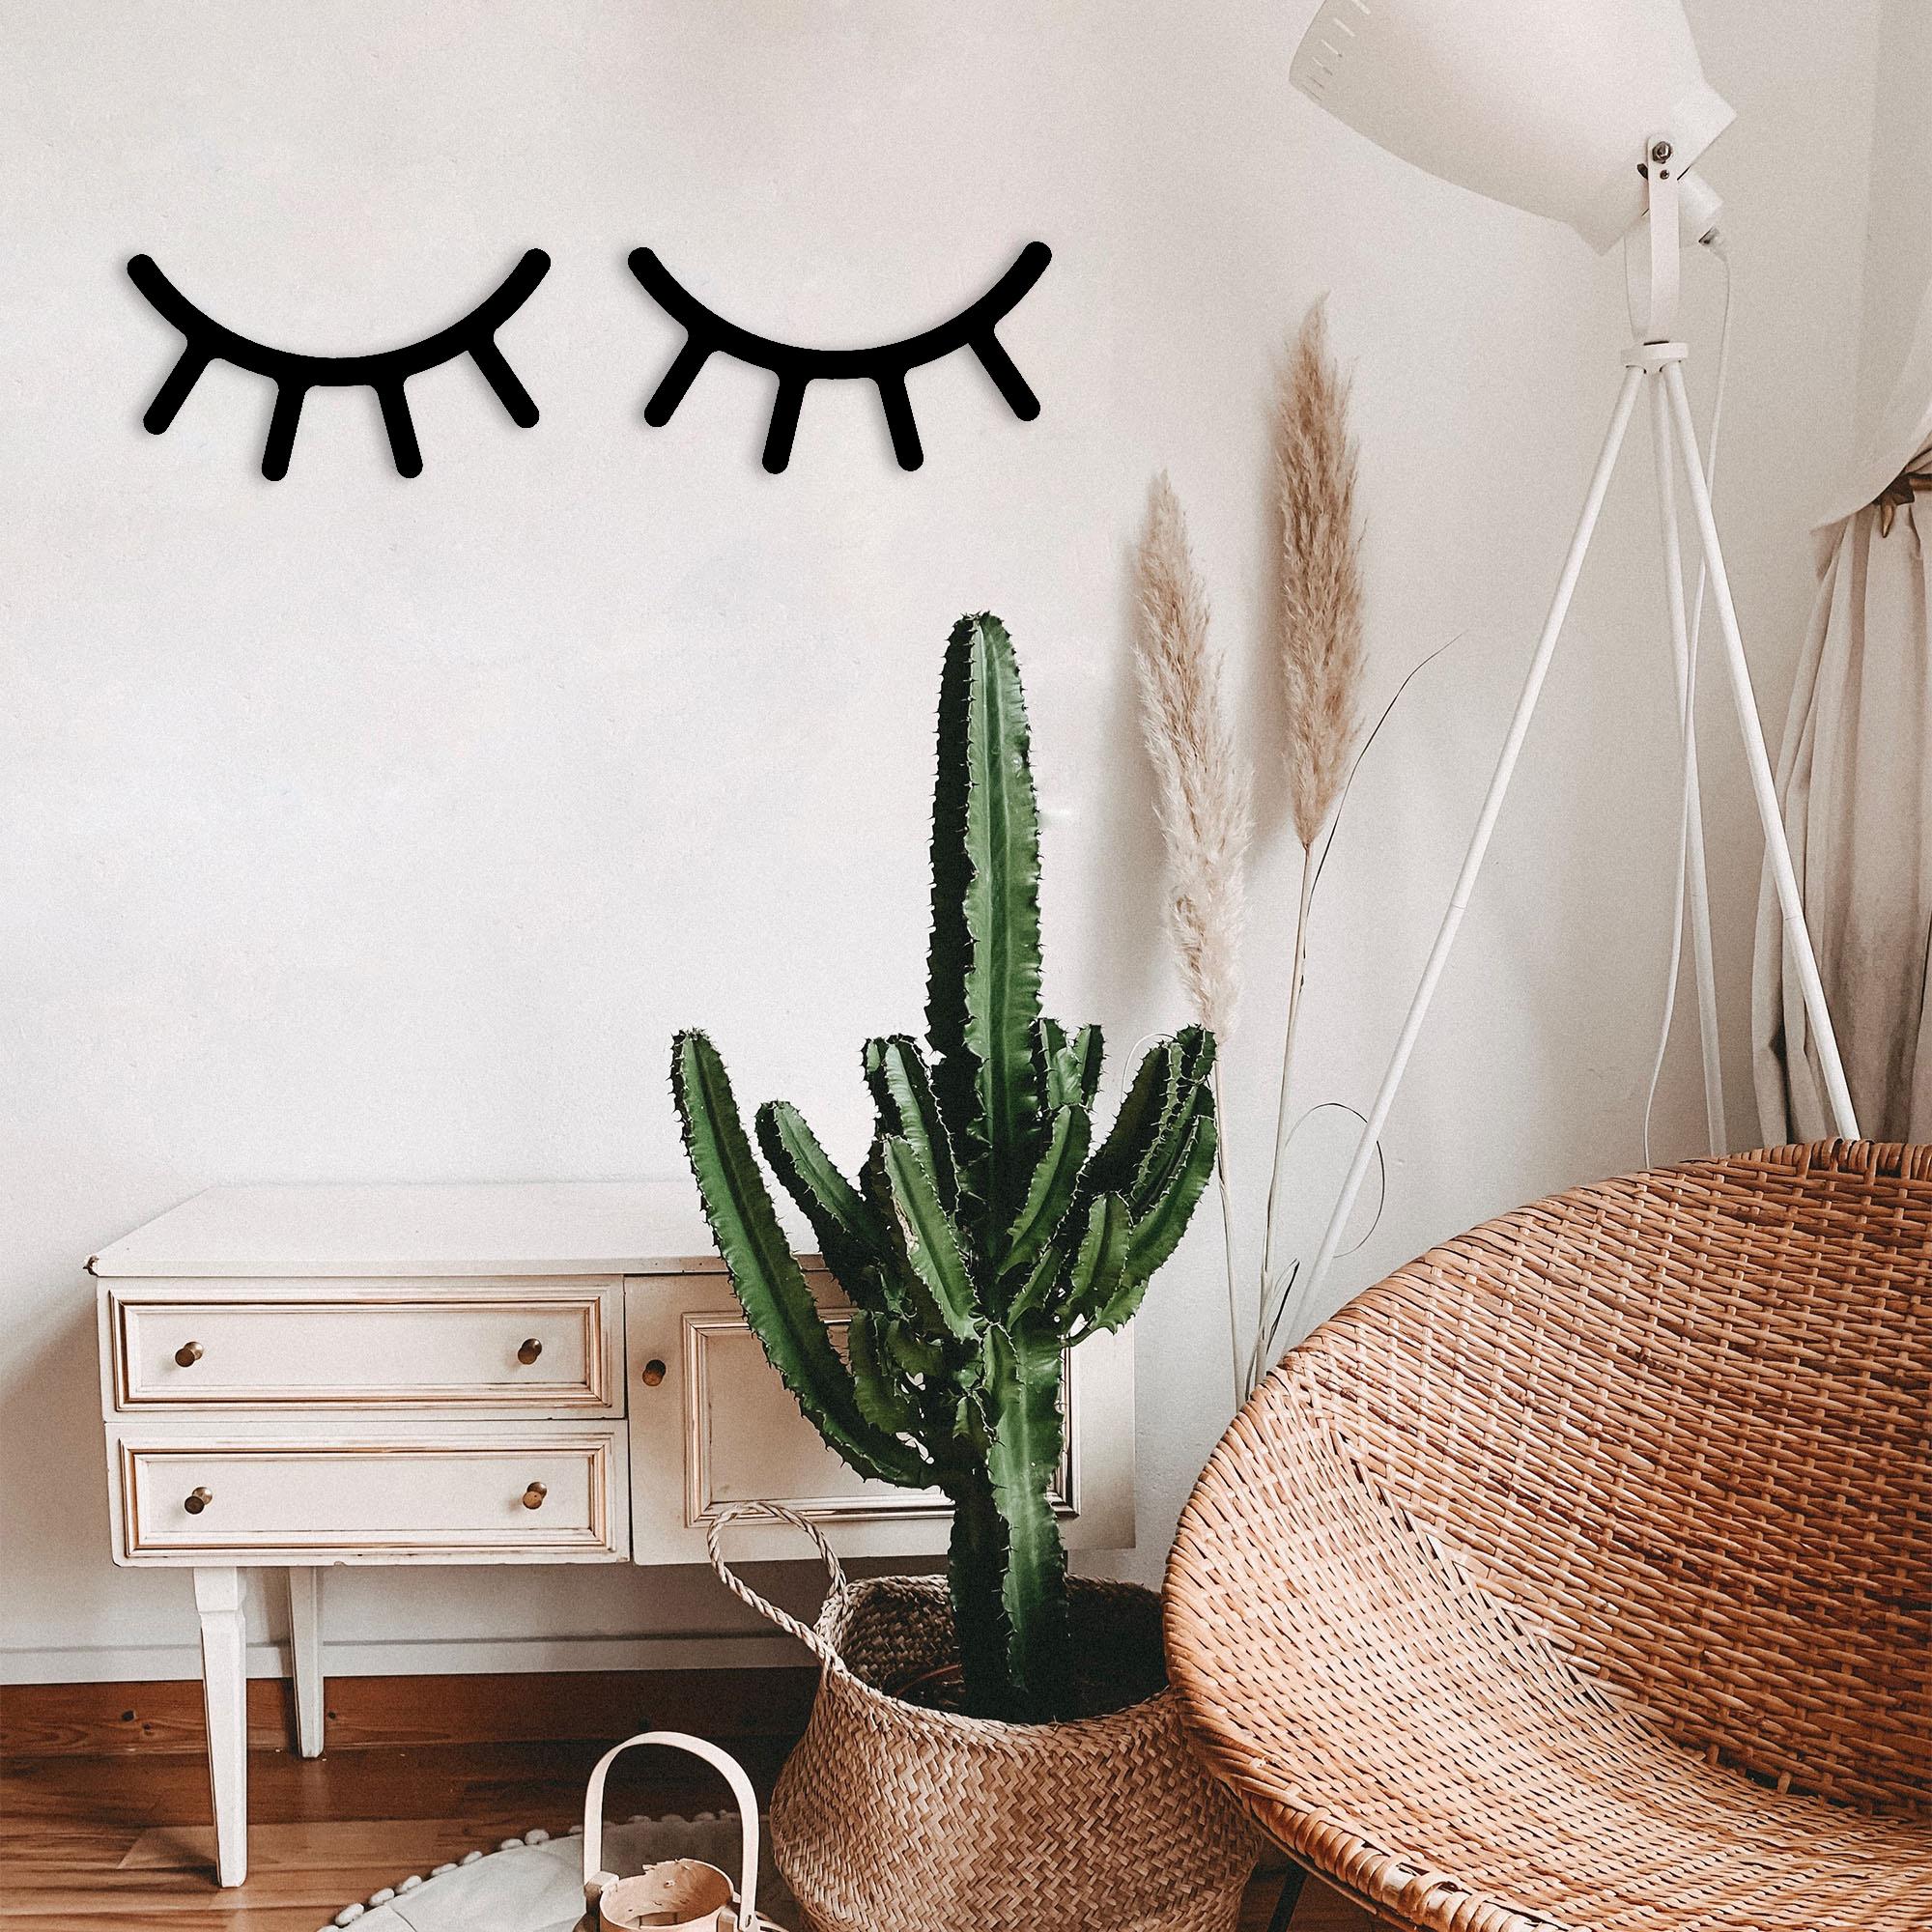 Eyelashes – Metal Wall Art Set